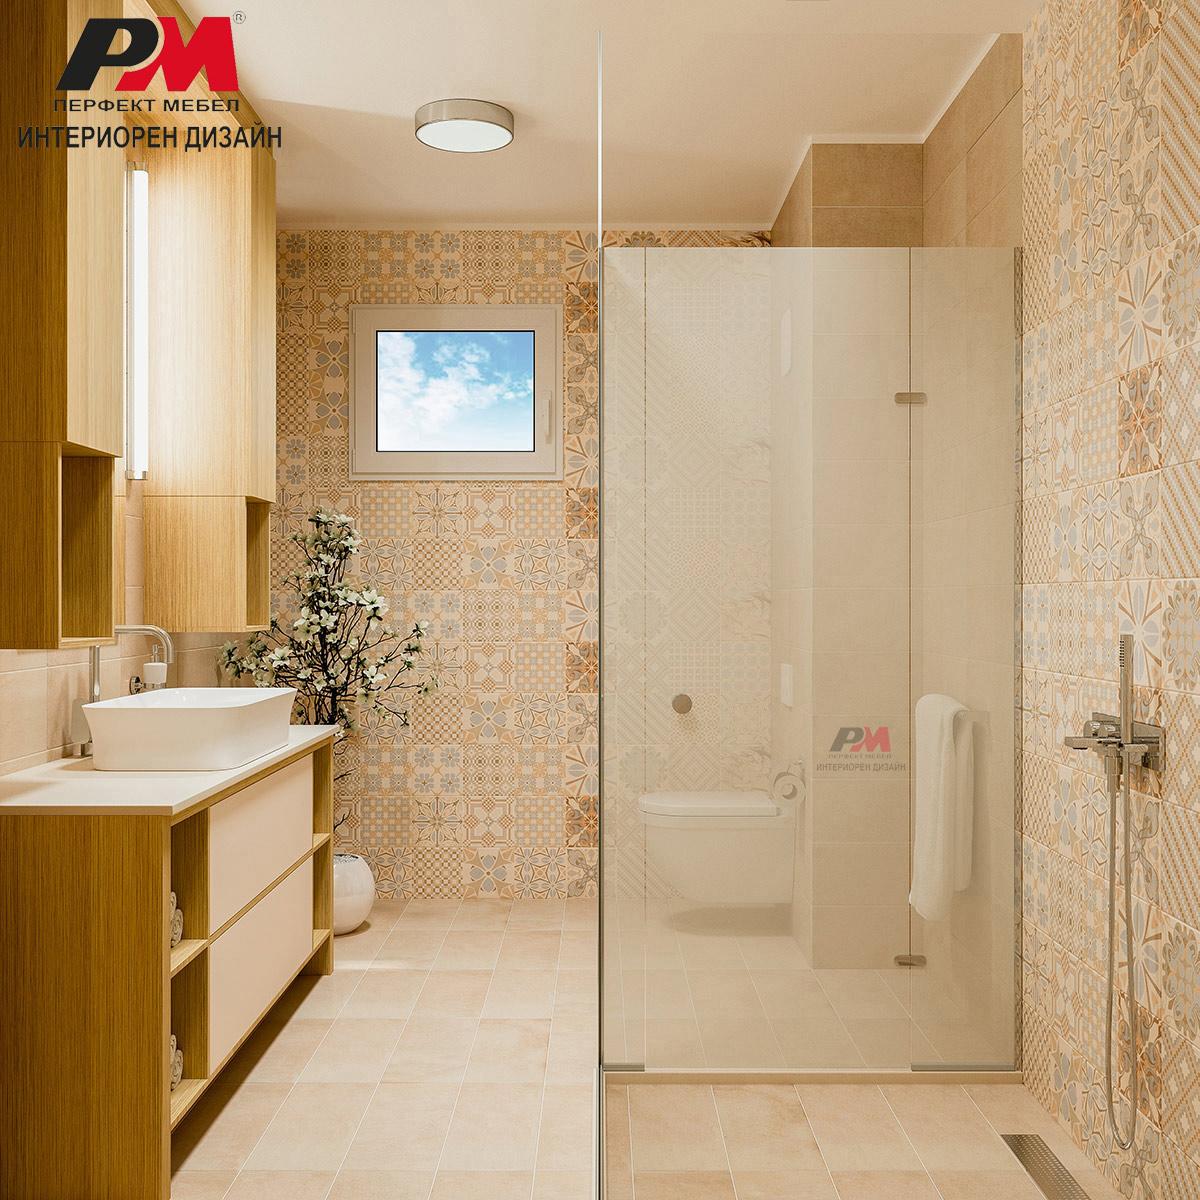 Красива баня в свежи нежни тонове и естесвен фурнир